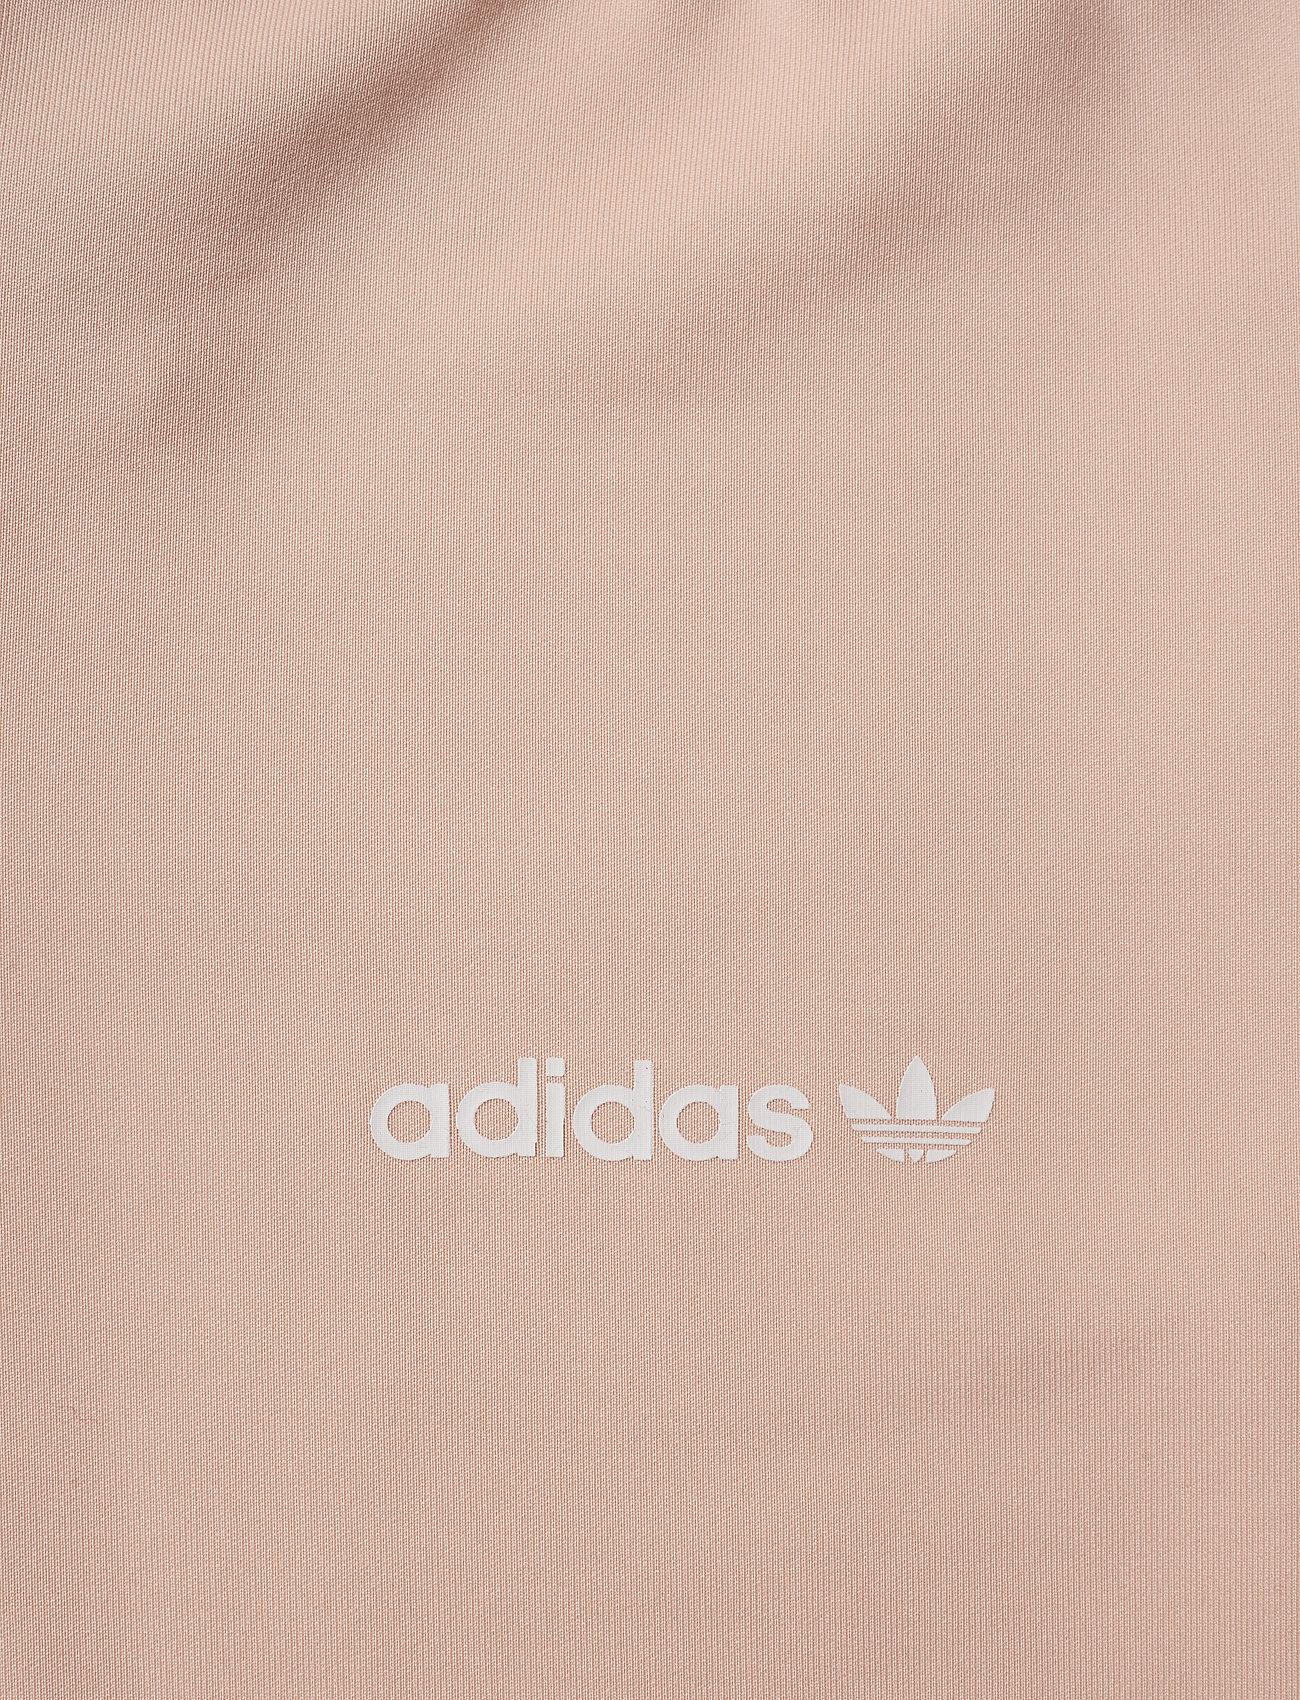 Poly Leggings (Glopnk/black/white) (27.95 €) - adidas Originals 0gcc8